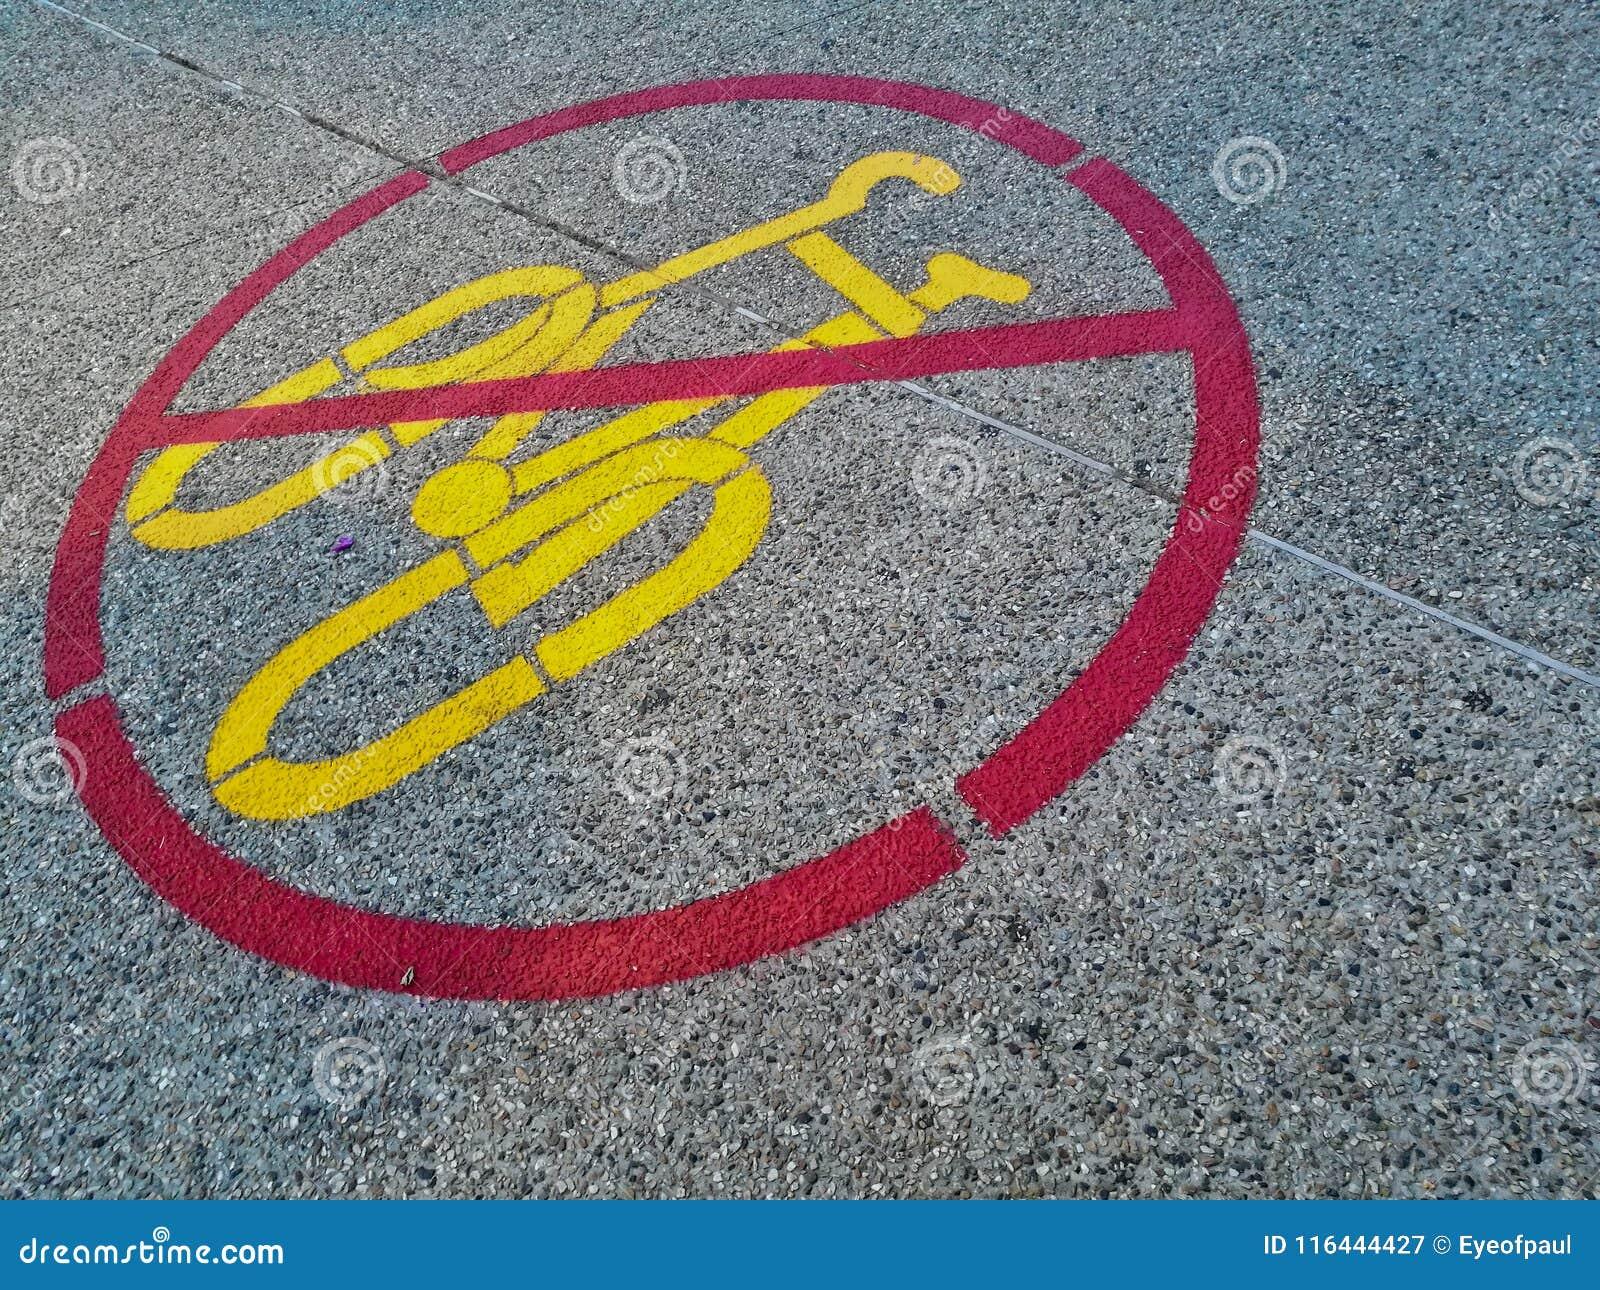 Το σημάδι κανενός ποδηλάτου επιτρέπεται χαρακτηρισμένος σε έναν δρόμο